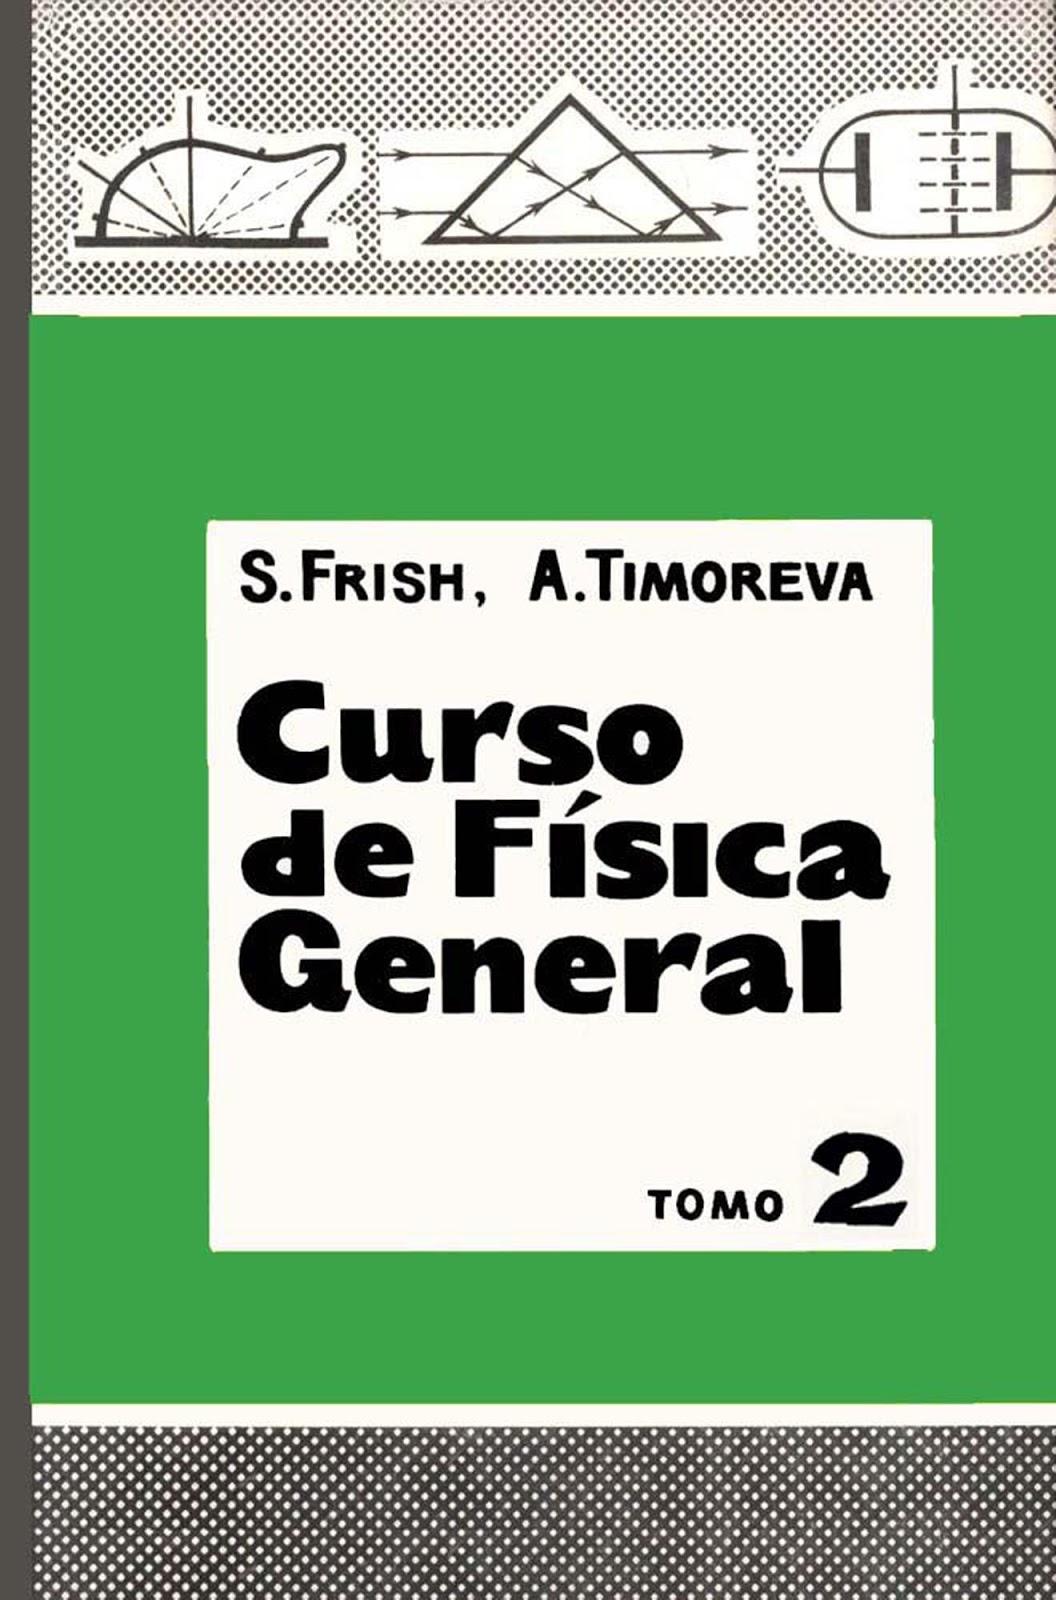 Curso de física general, Tomo 2 – S. Frish